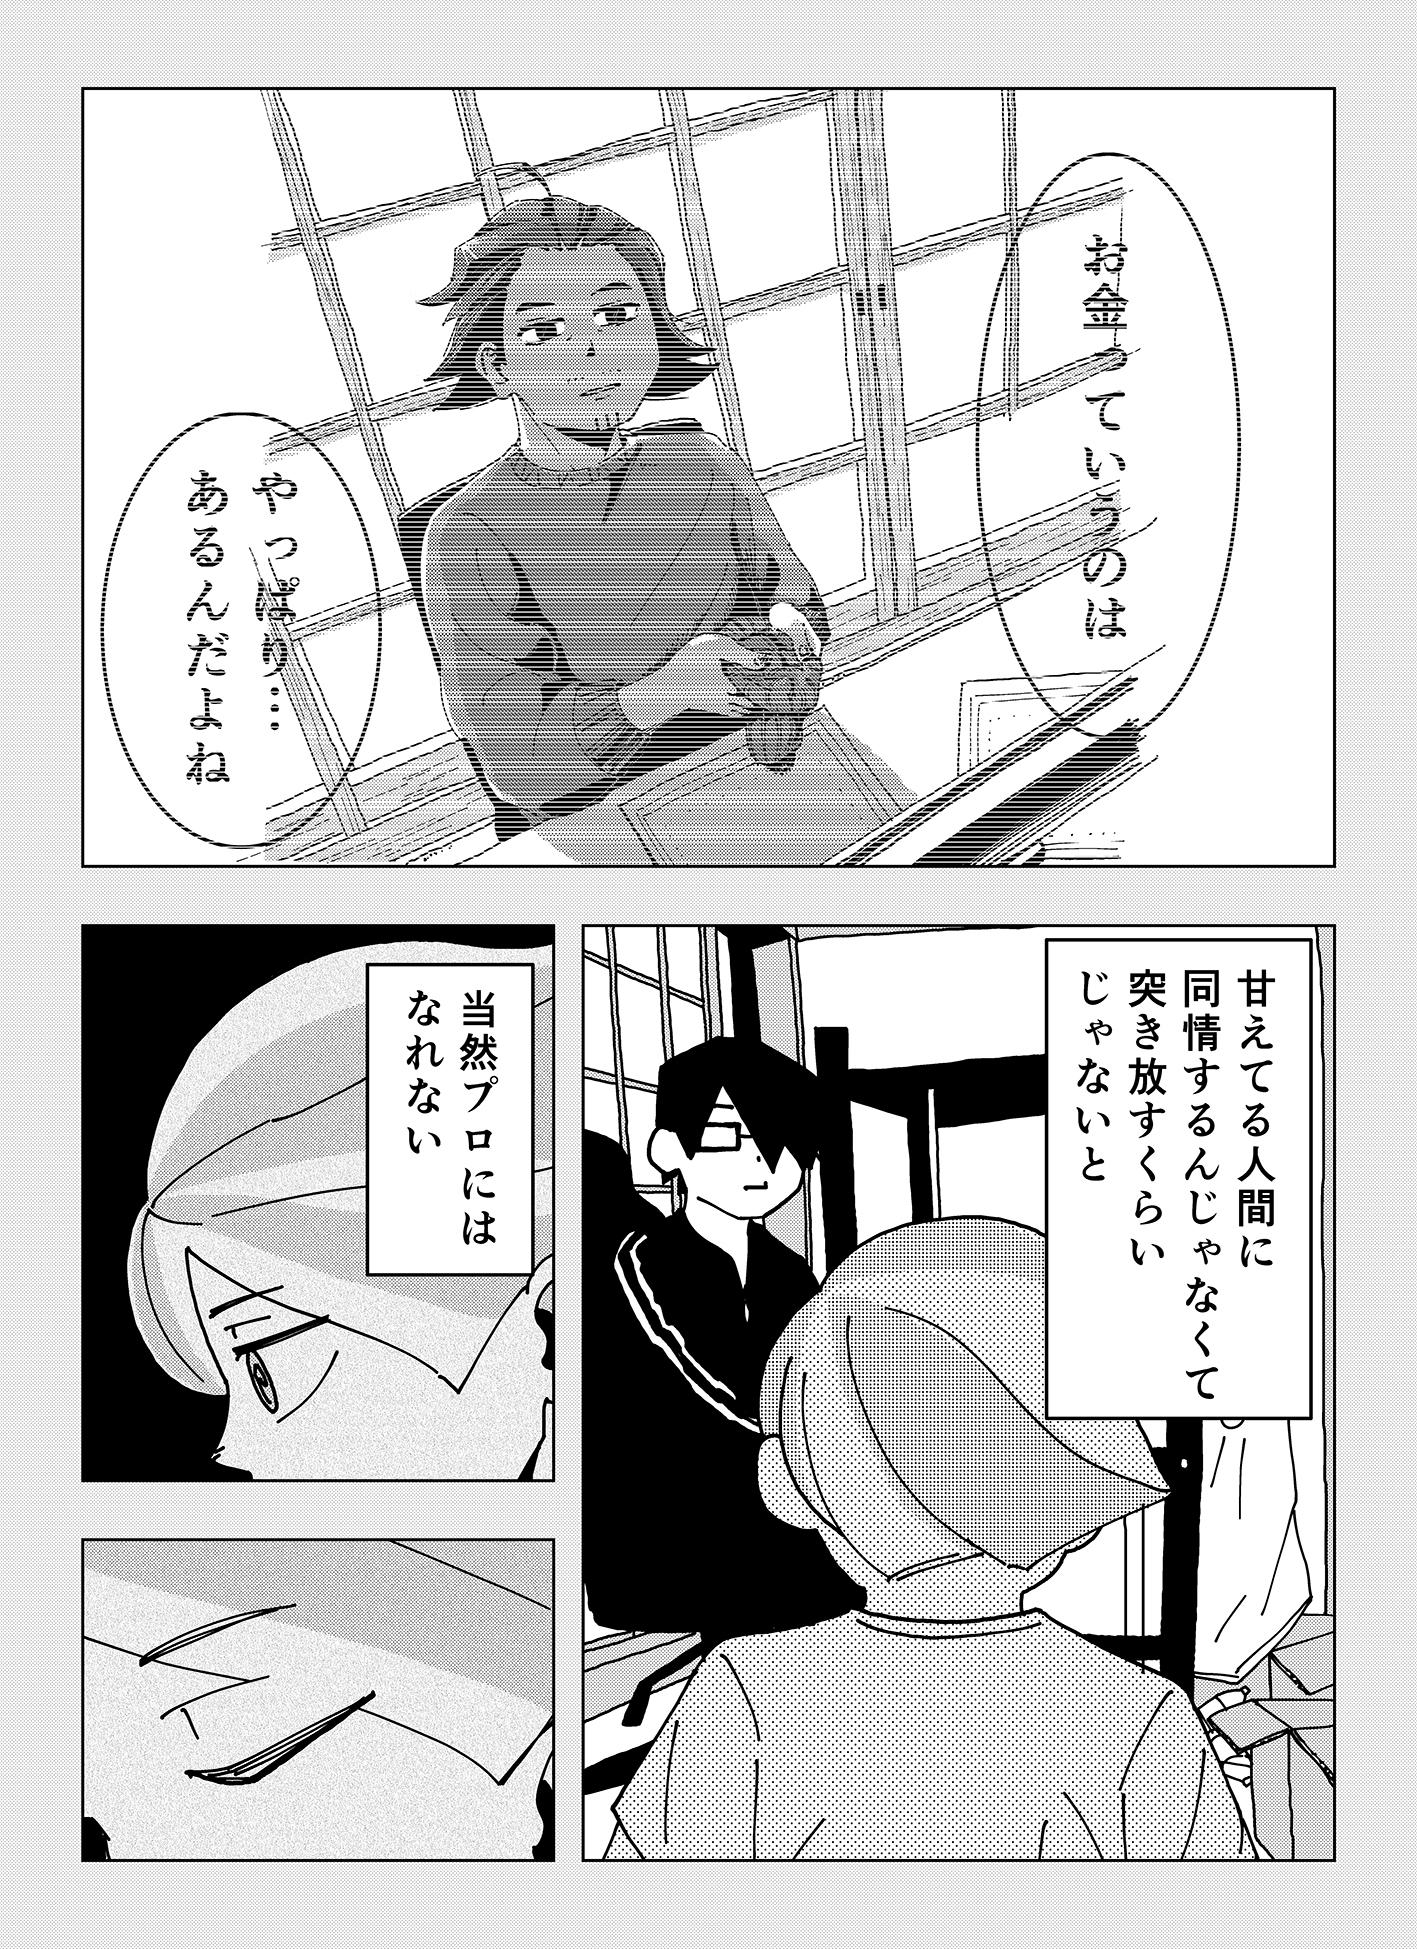 share08_10